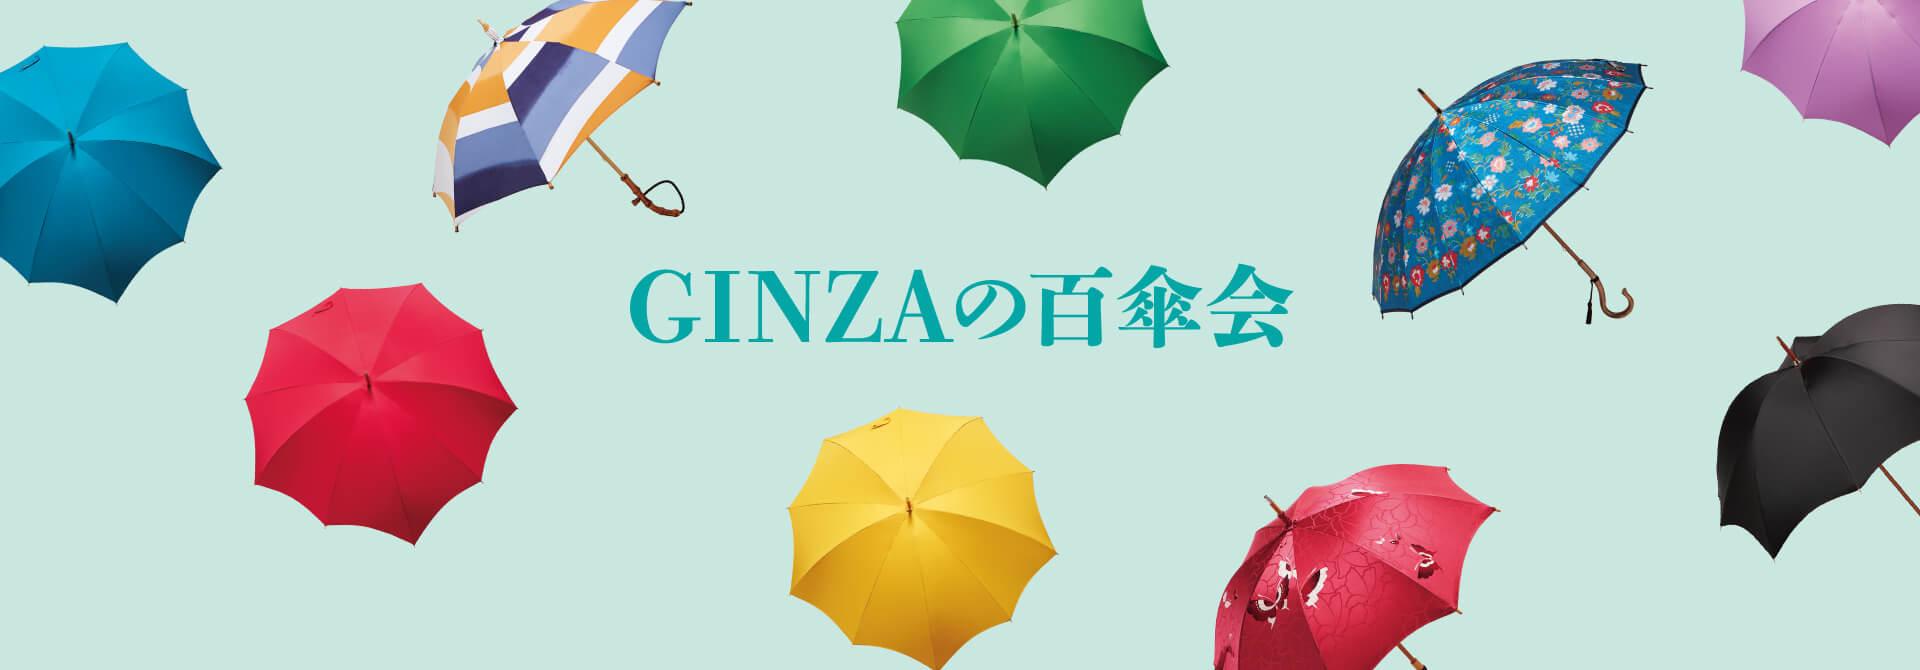 GINZAの百傘会